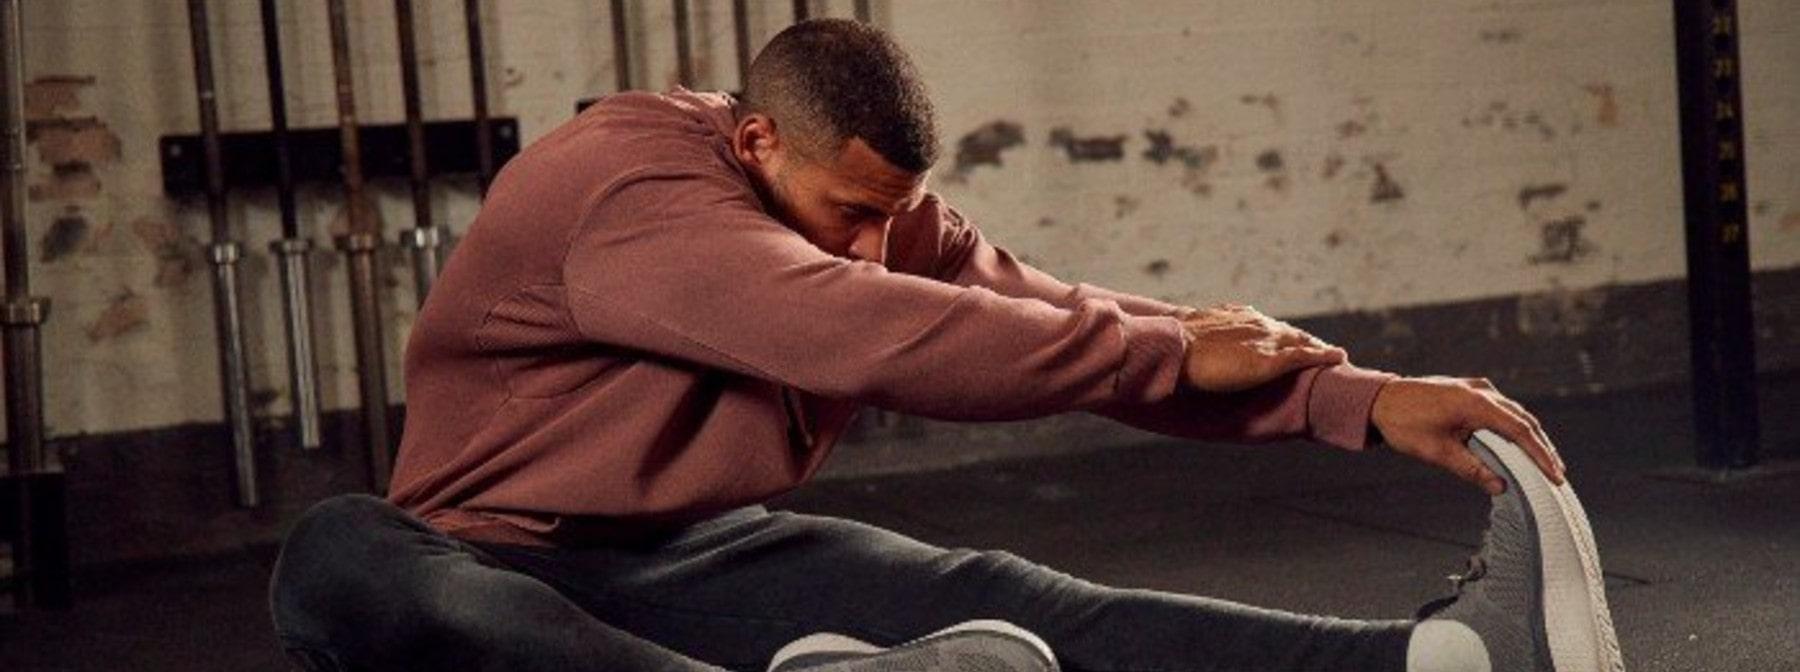 Wie du dich aufwärmen solltest, um Verletzungen zu vermeiden und deine Trainingseinheiten zu meistern